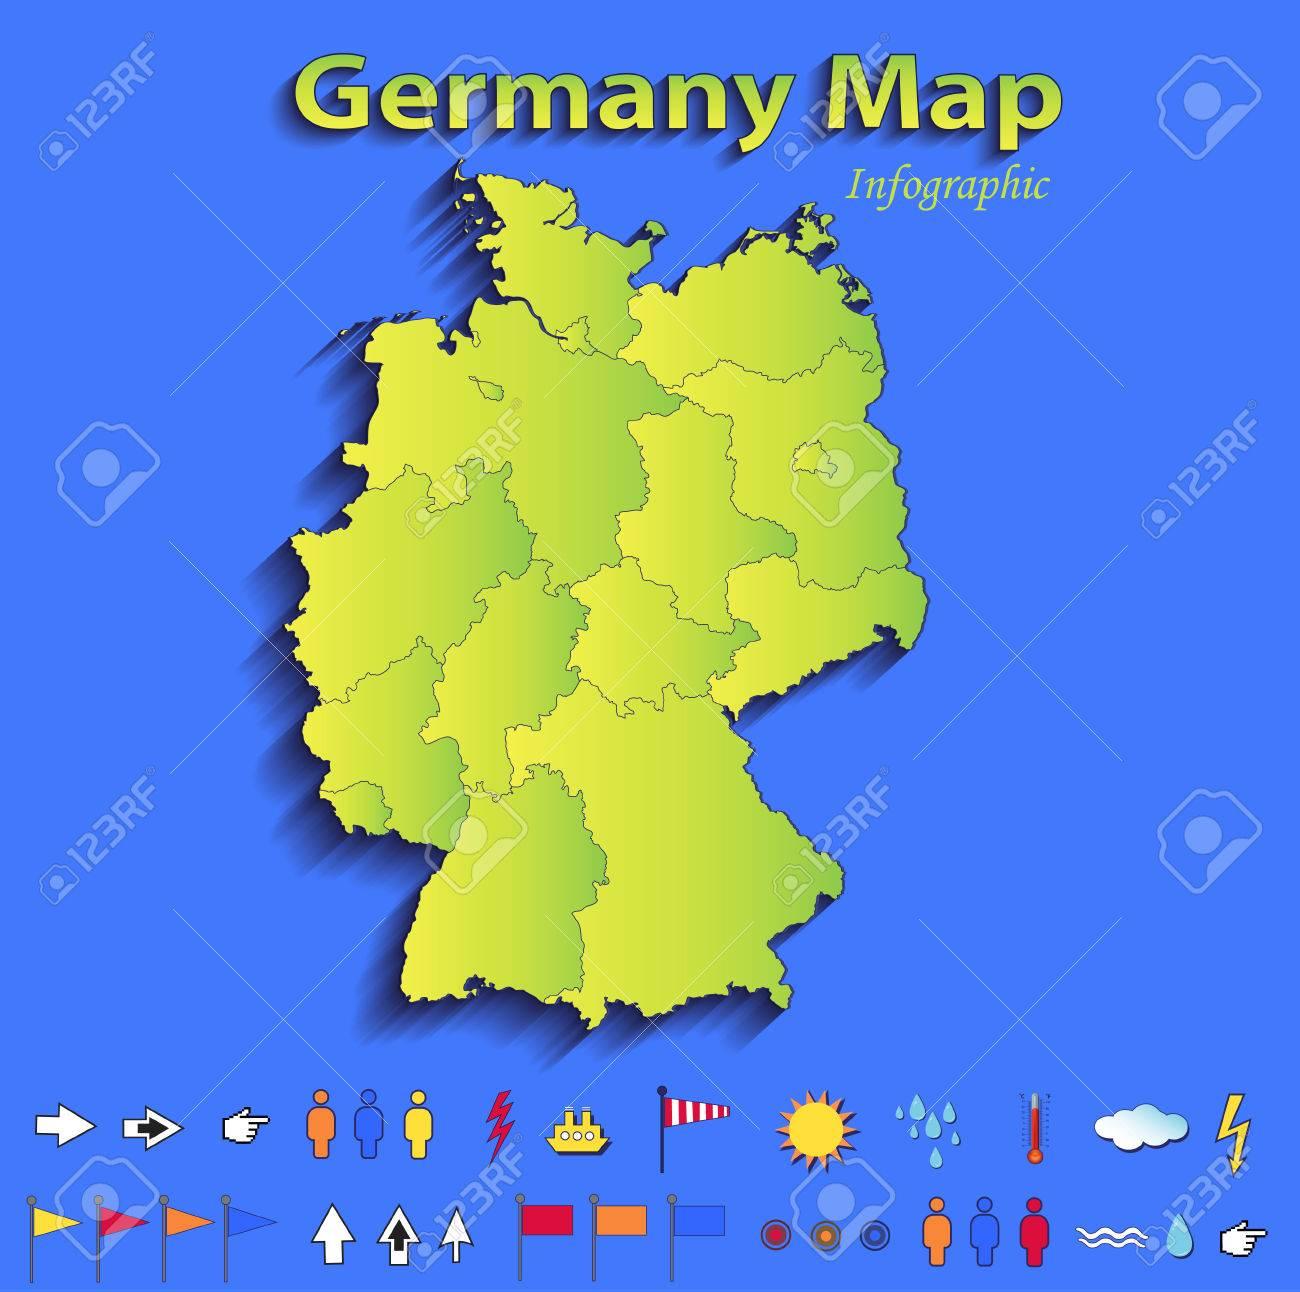 Land Karte Deutschland.Stock Photo